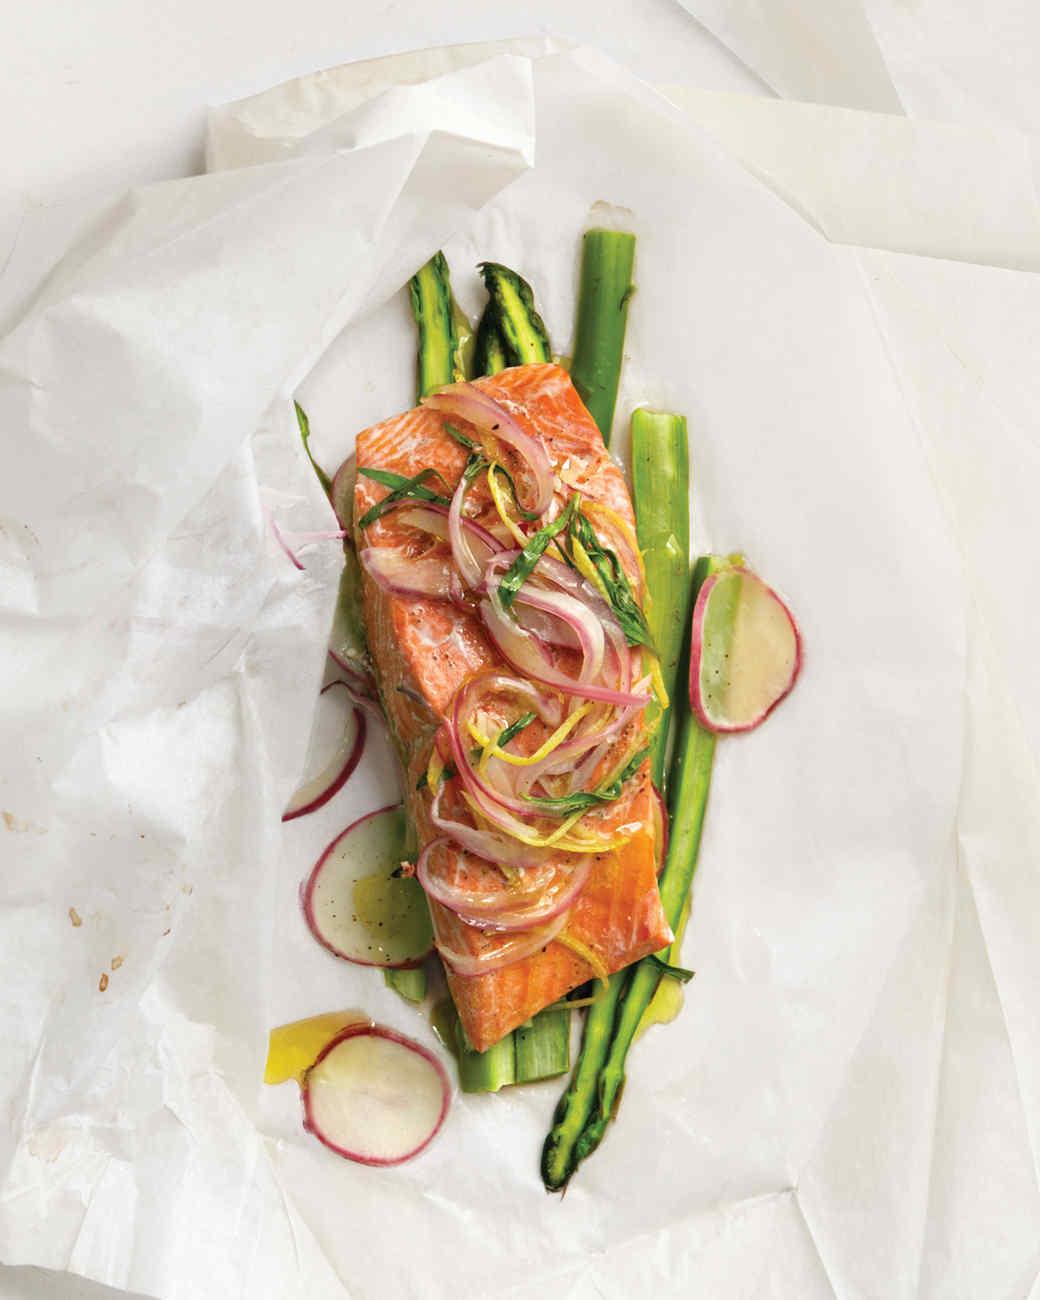 Lemon-Tarragon Salmon Over Asparagus